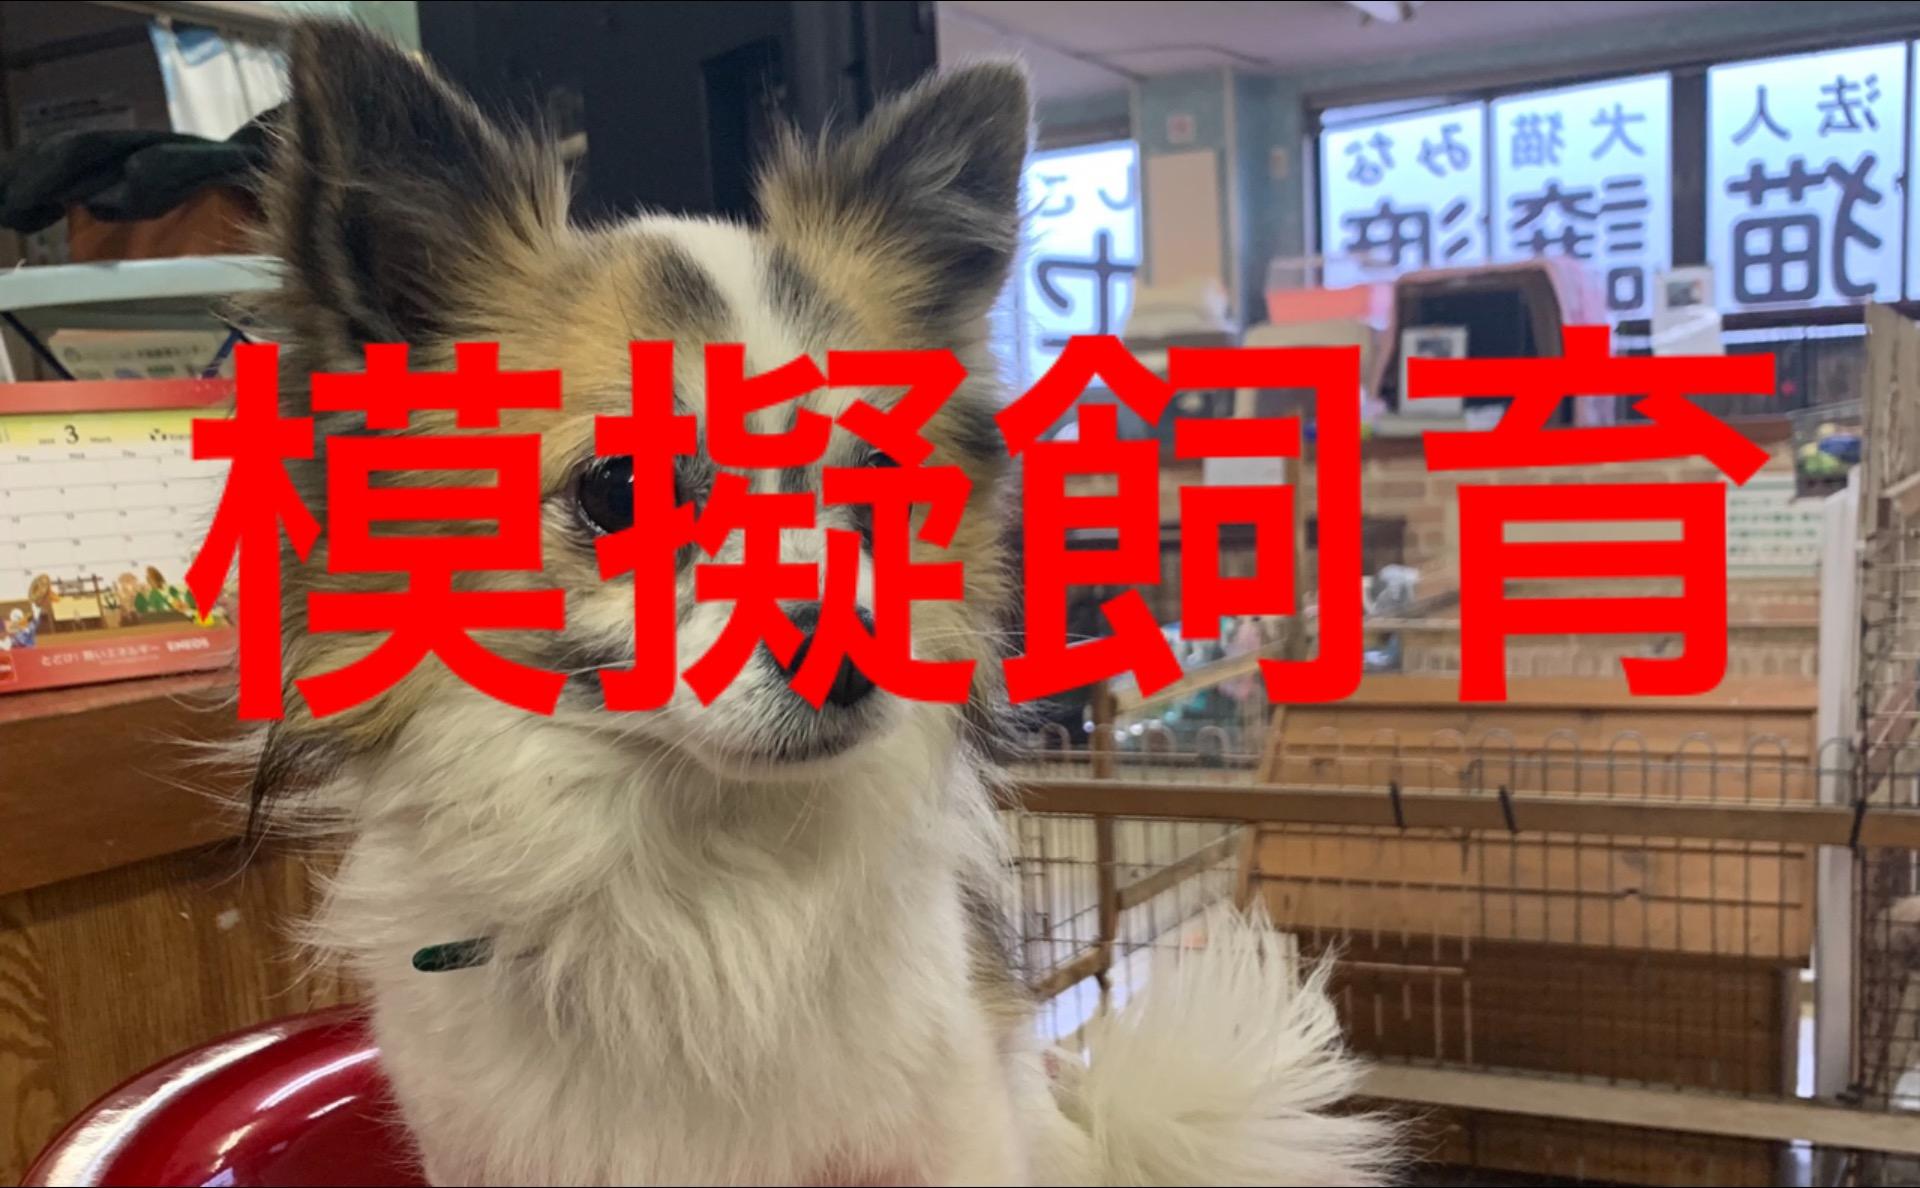 <p>&nbsp;</p> <ul> <li>犬種:ロングコートチワワ</li> <li>性別:男の子</li> <li>名前:コロン</li> <li>年齢:7歳</li> <li>保護経緯:飼い主様の諸事情により飼育困難になりました</li> </ul>